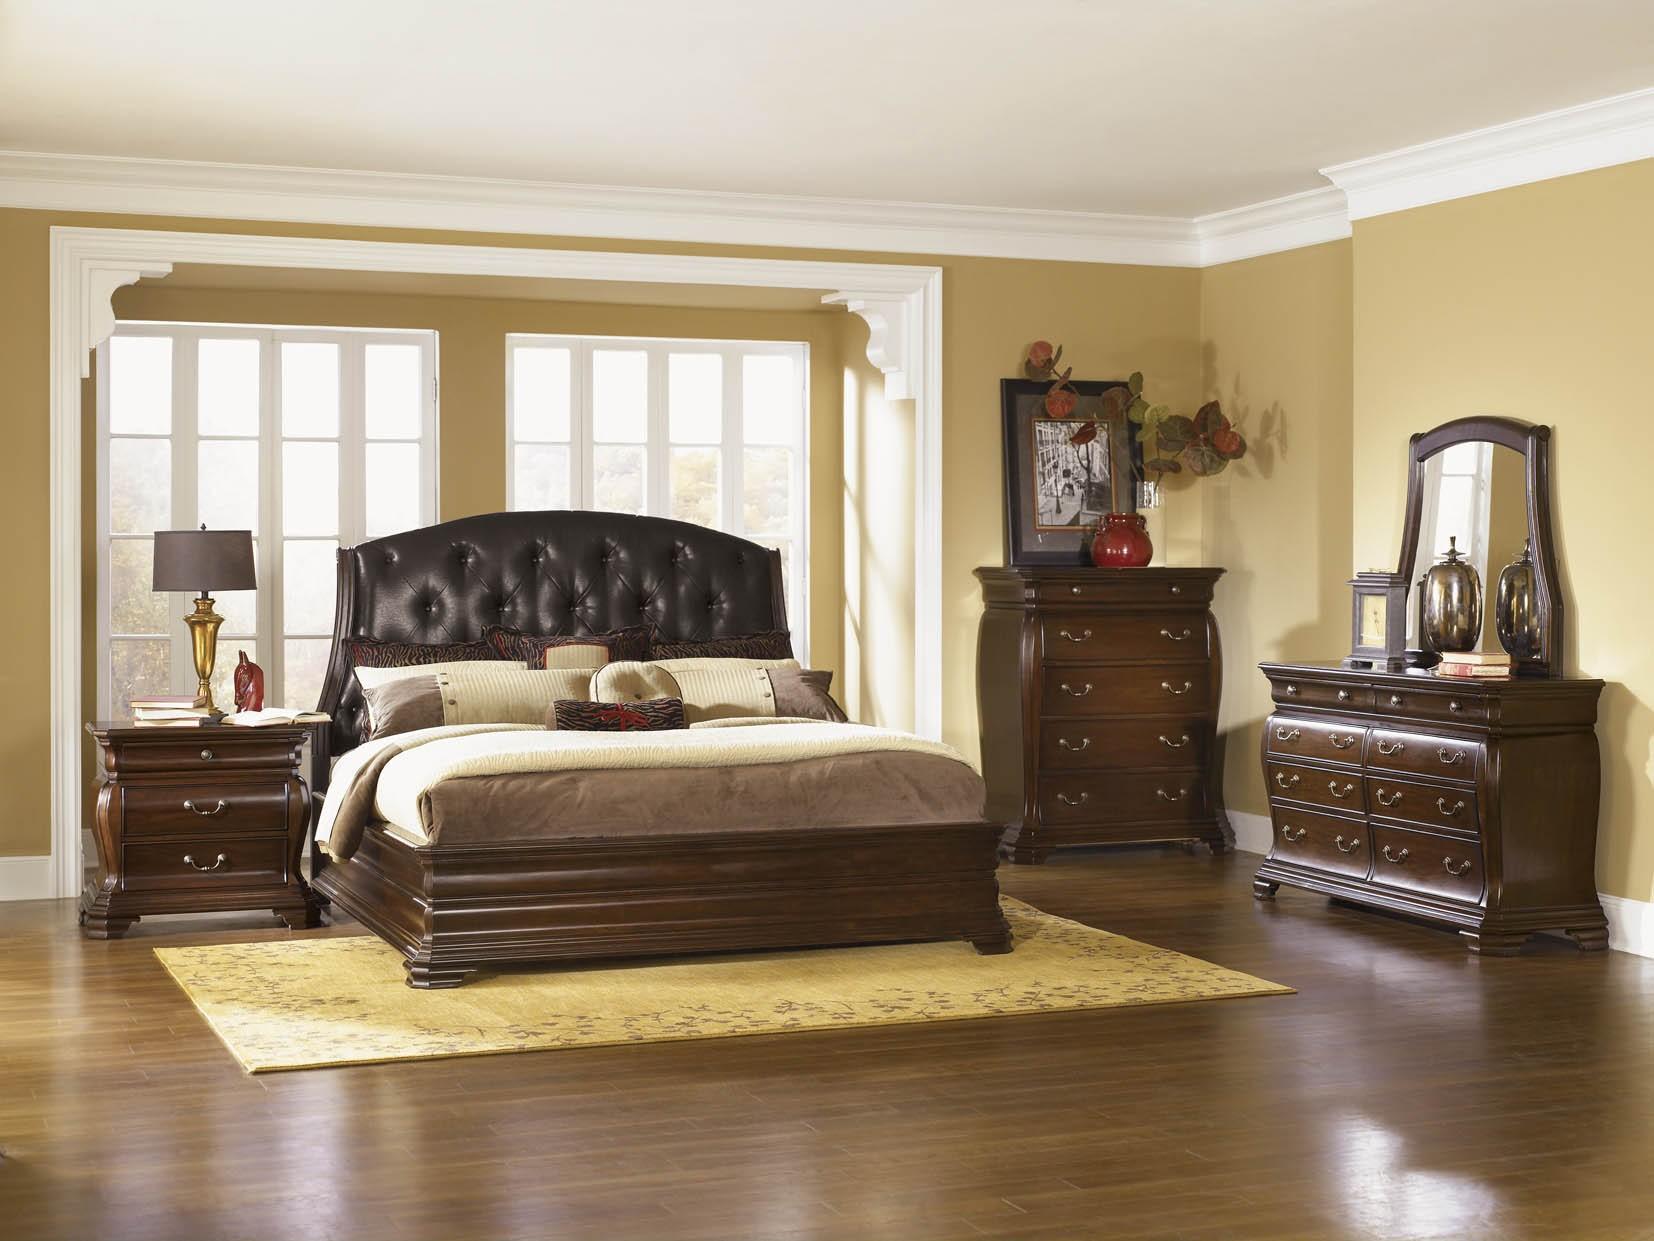 بالصور فنون في غرفة النوم , اجدد تصميمات غرف النوم 5946 14